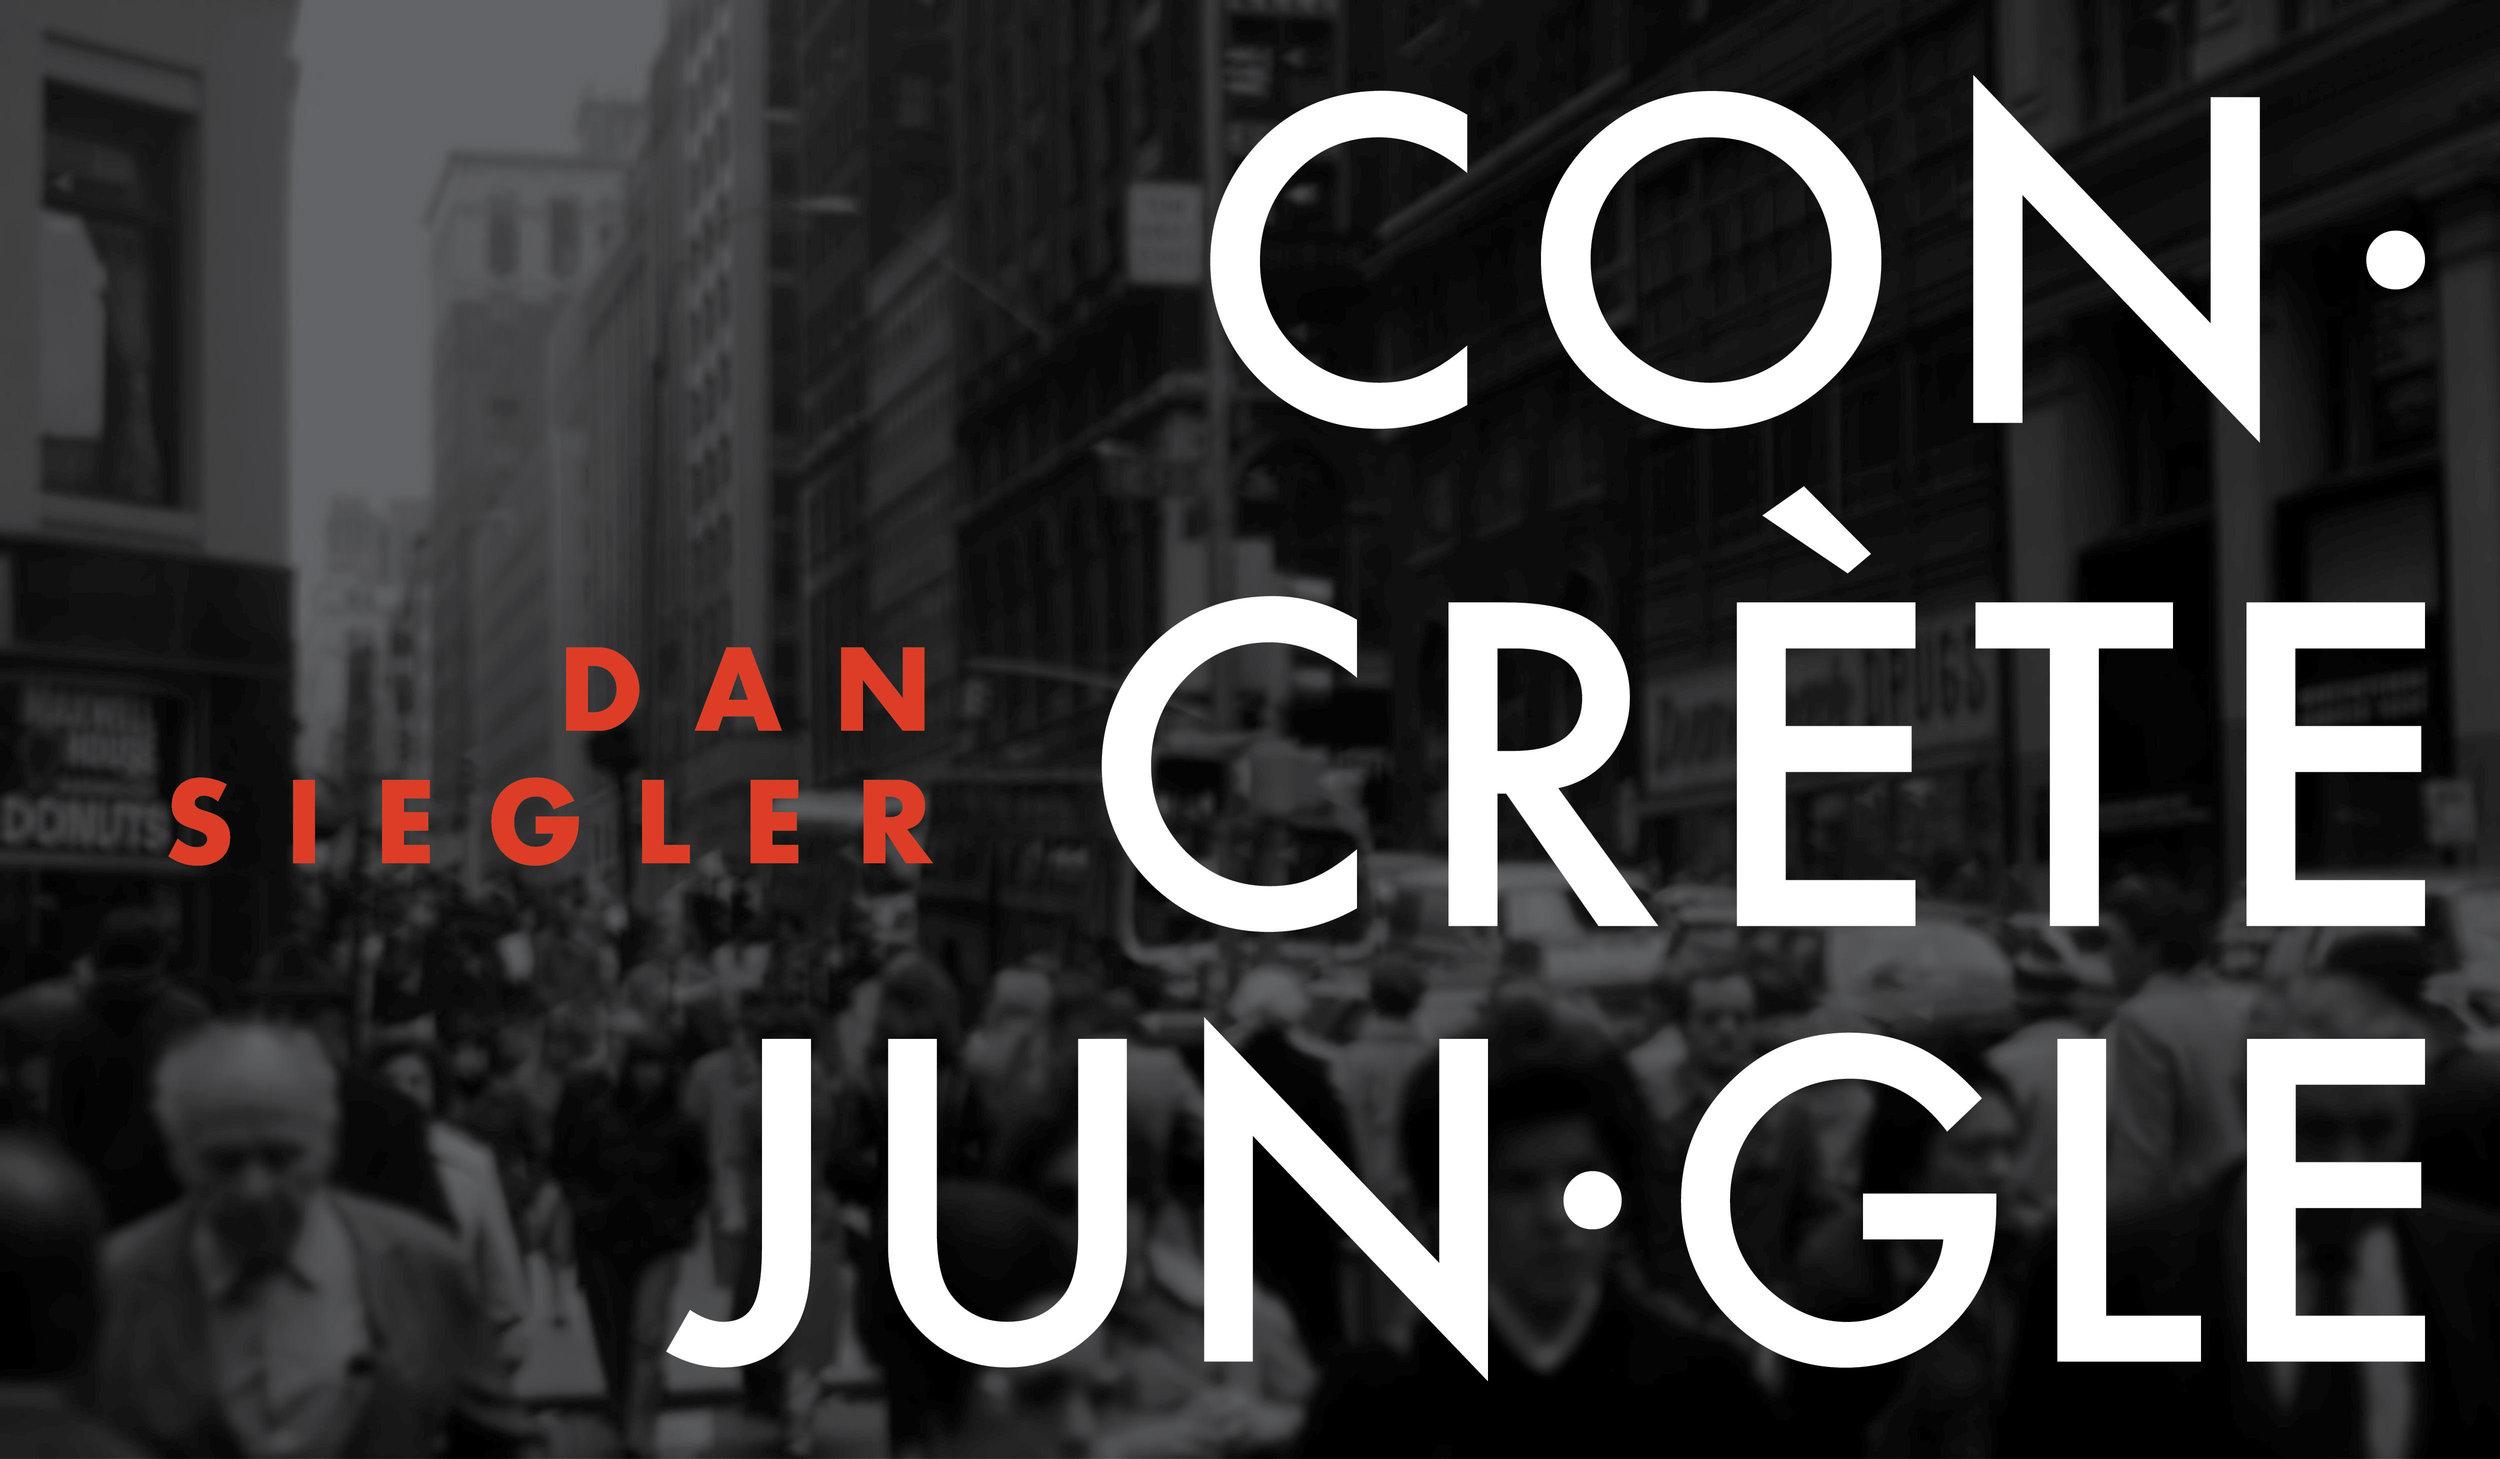 the-invisible-dog-dan-siegler-concrete-jungle